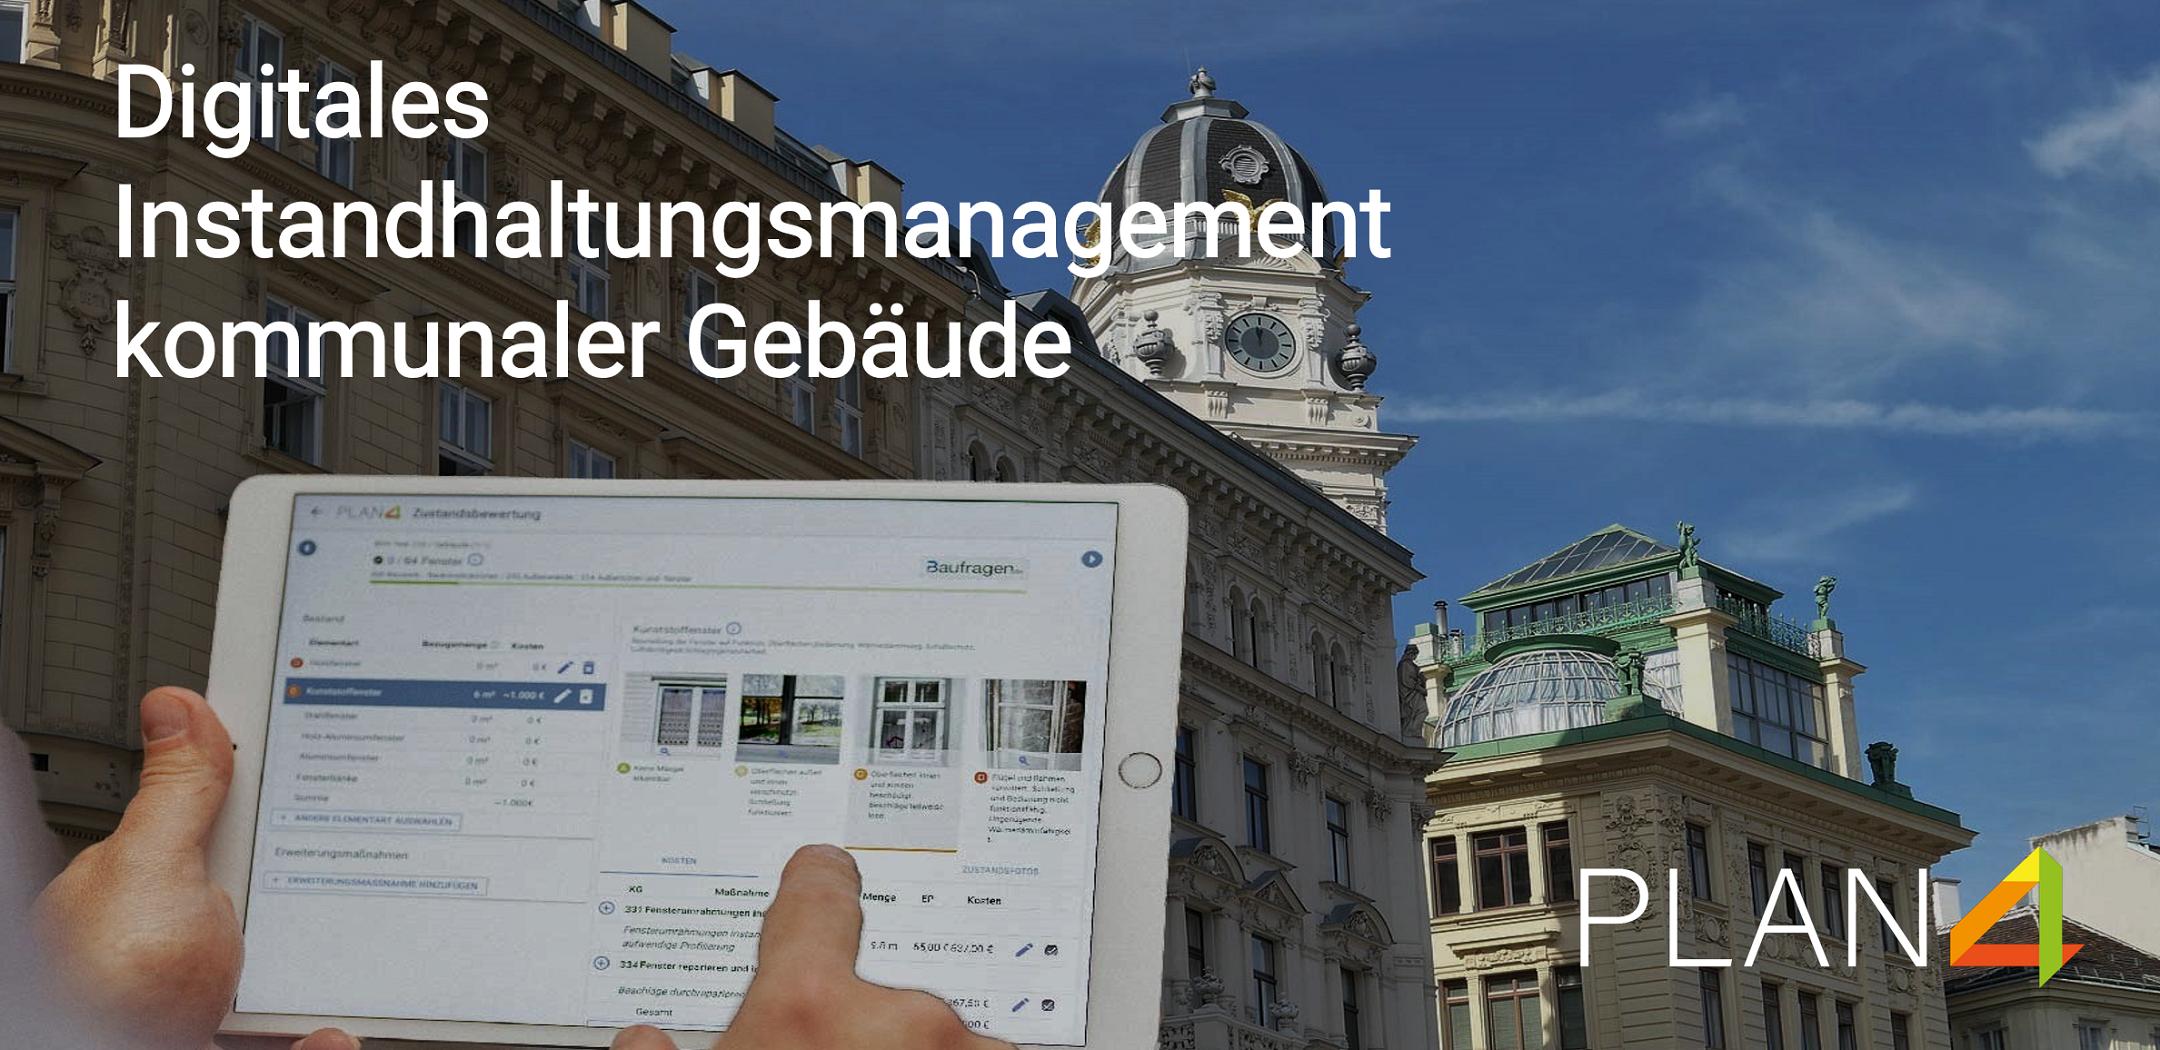 Webinar Digitales Instandhaltungsmanagement kommunaler Gebäude